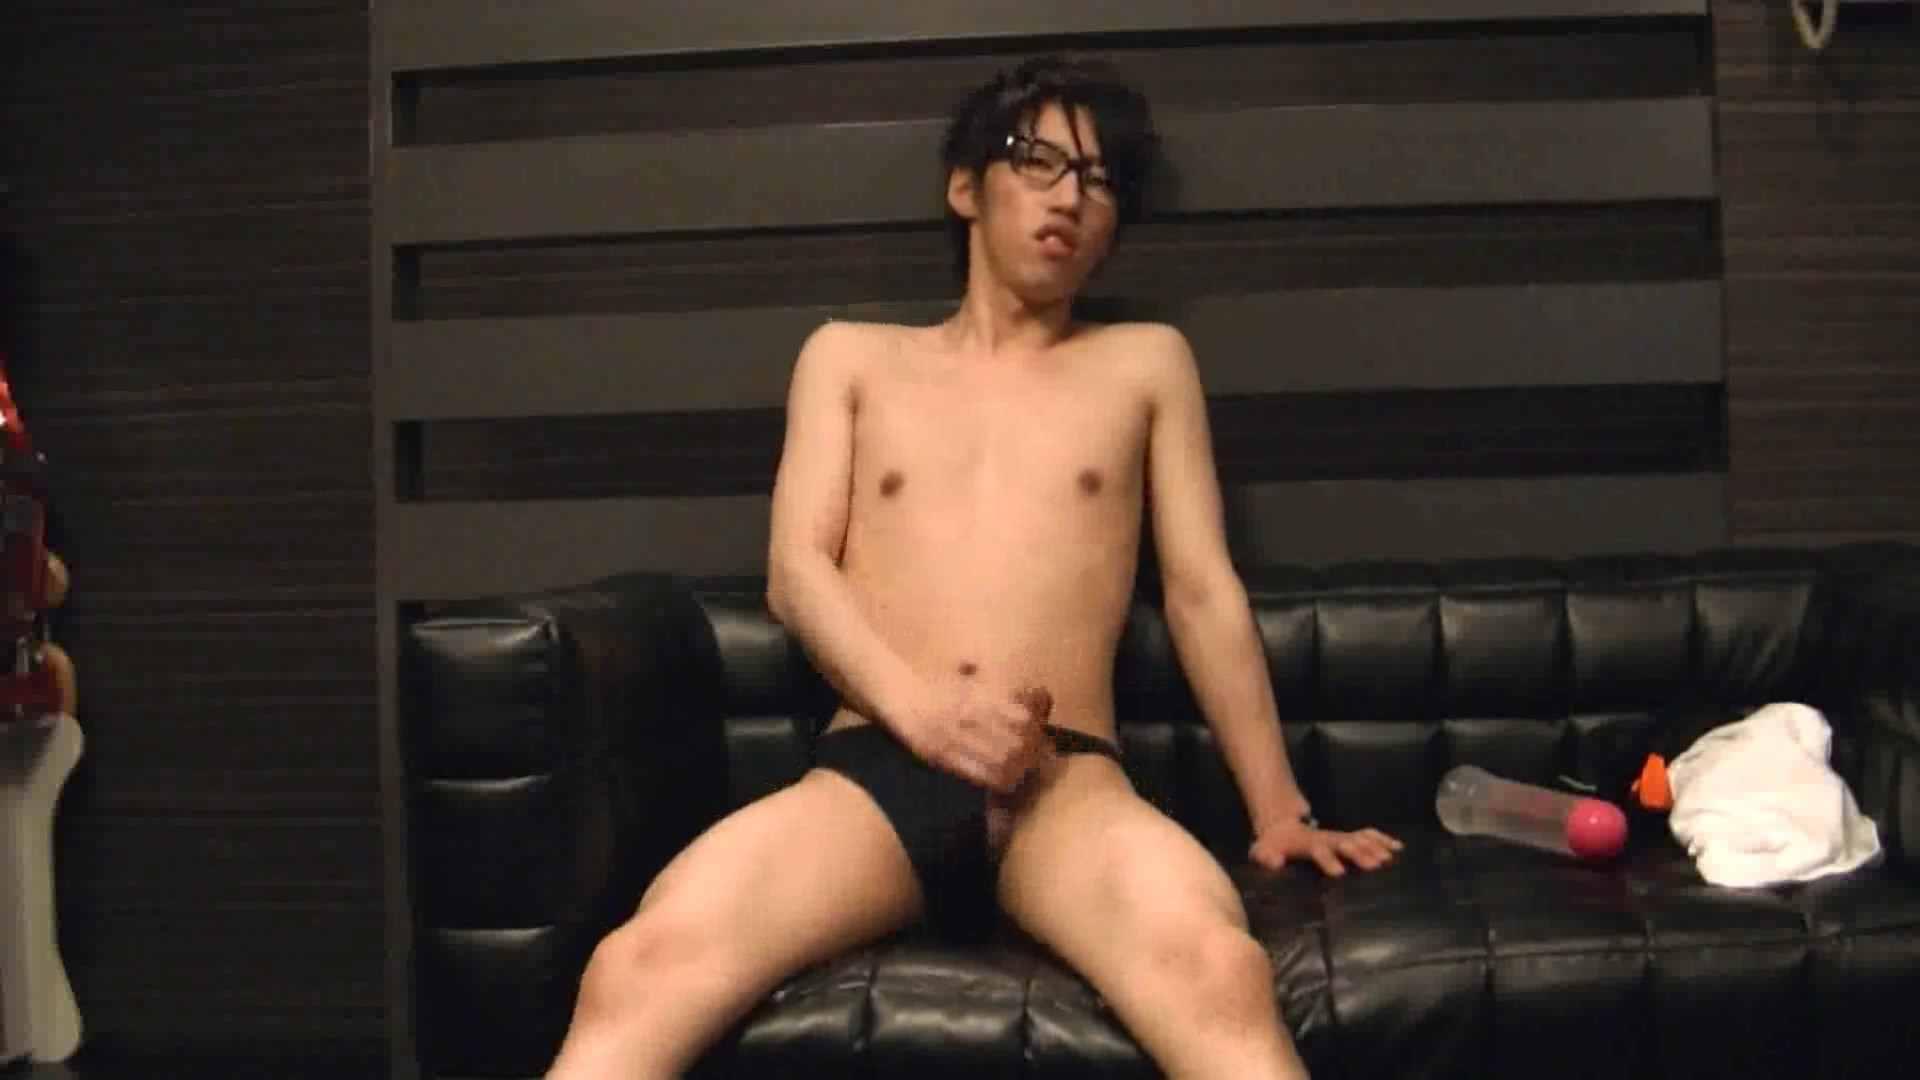 ONA見せカーニバル!! Vol3 ゲイのオナニー映像 | 男祭り  103枚 67